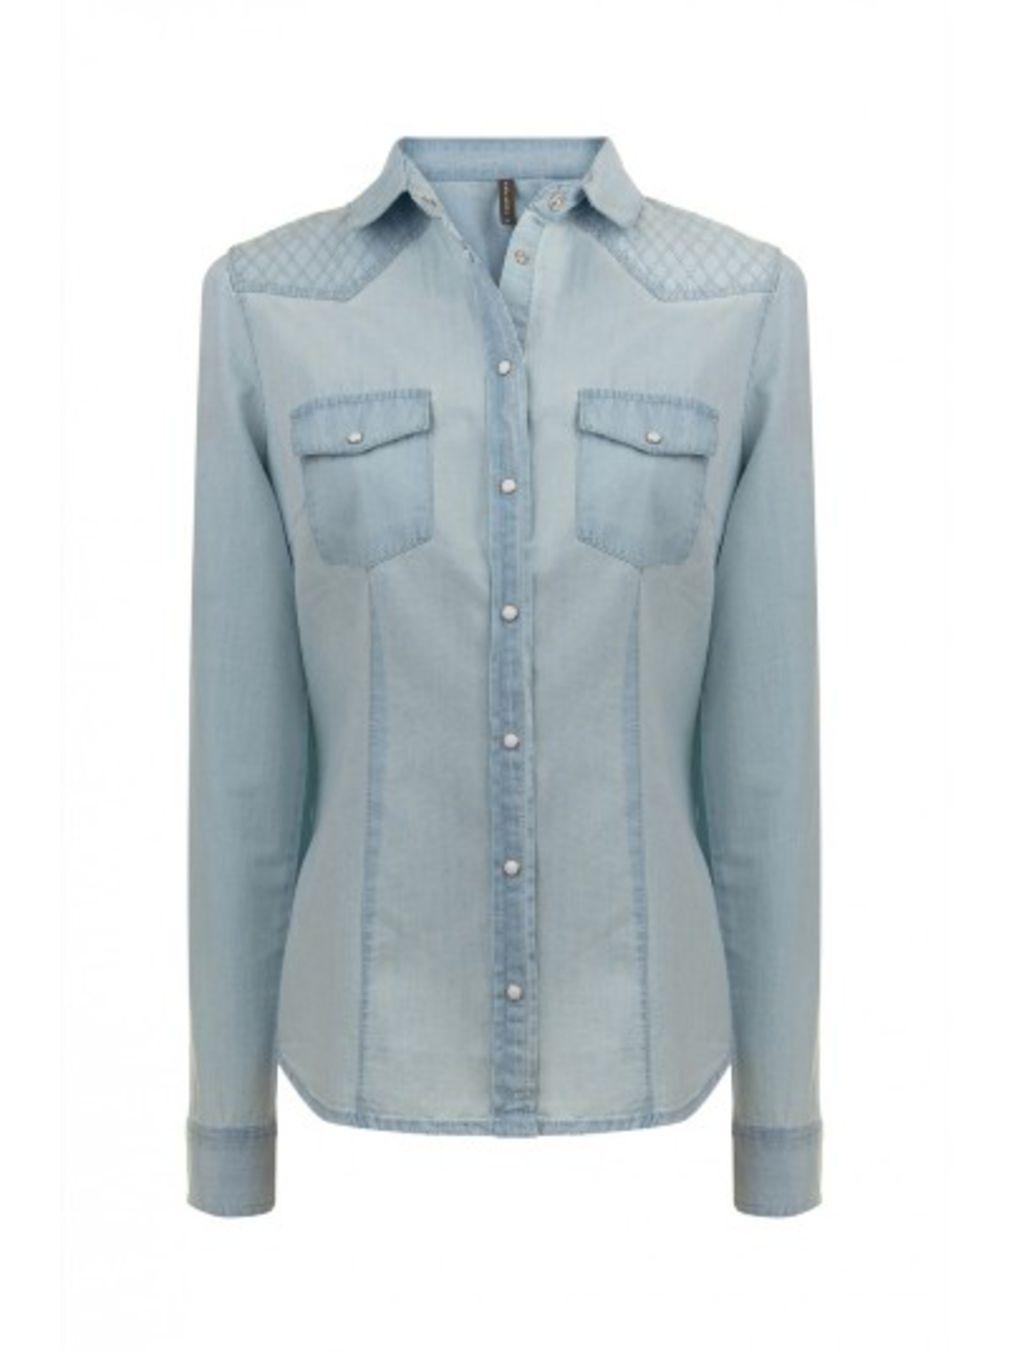 Je veux trouver une belle chemise femme et agréable à porter pas cher ICI  Chemise femme jean h m 035bc9294668